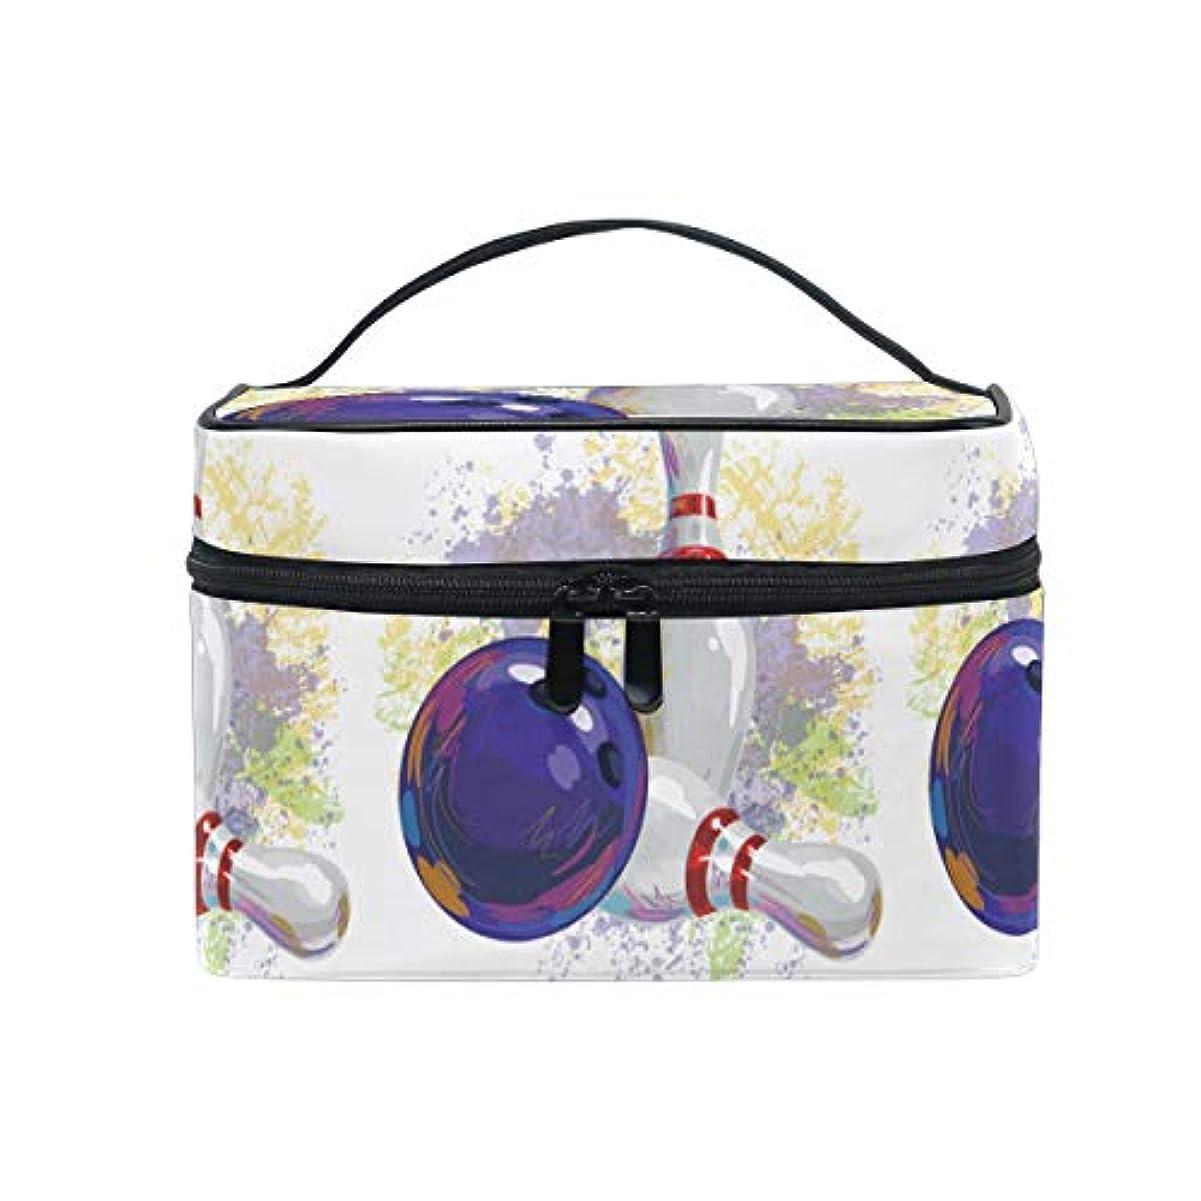 ガスコア小康水彩アートボウリングボールメイクバッグ 旅行 メイクボックス バッグ トイレタリー トレイン ケース レディース 美容 化粧ポーチ ポーチ